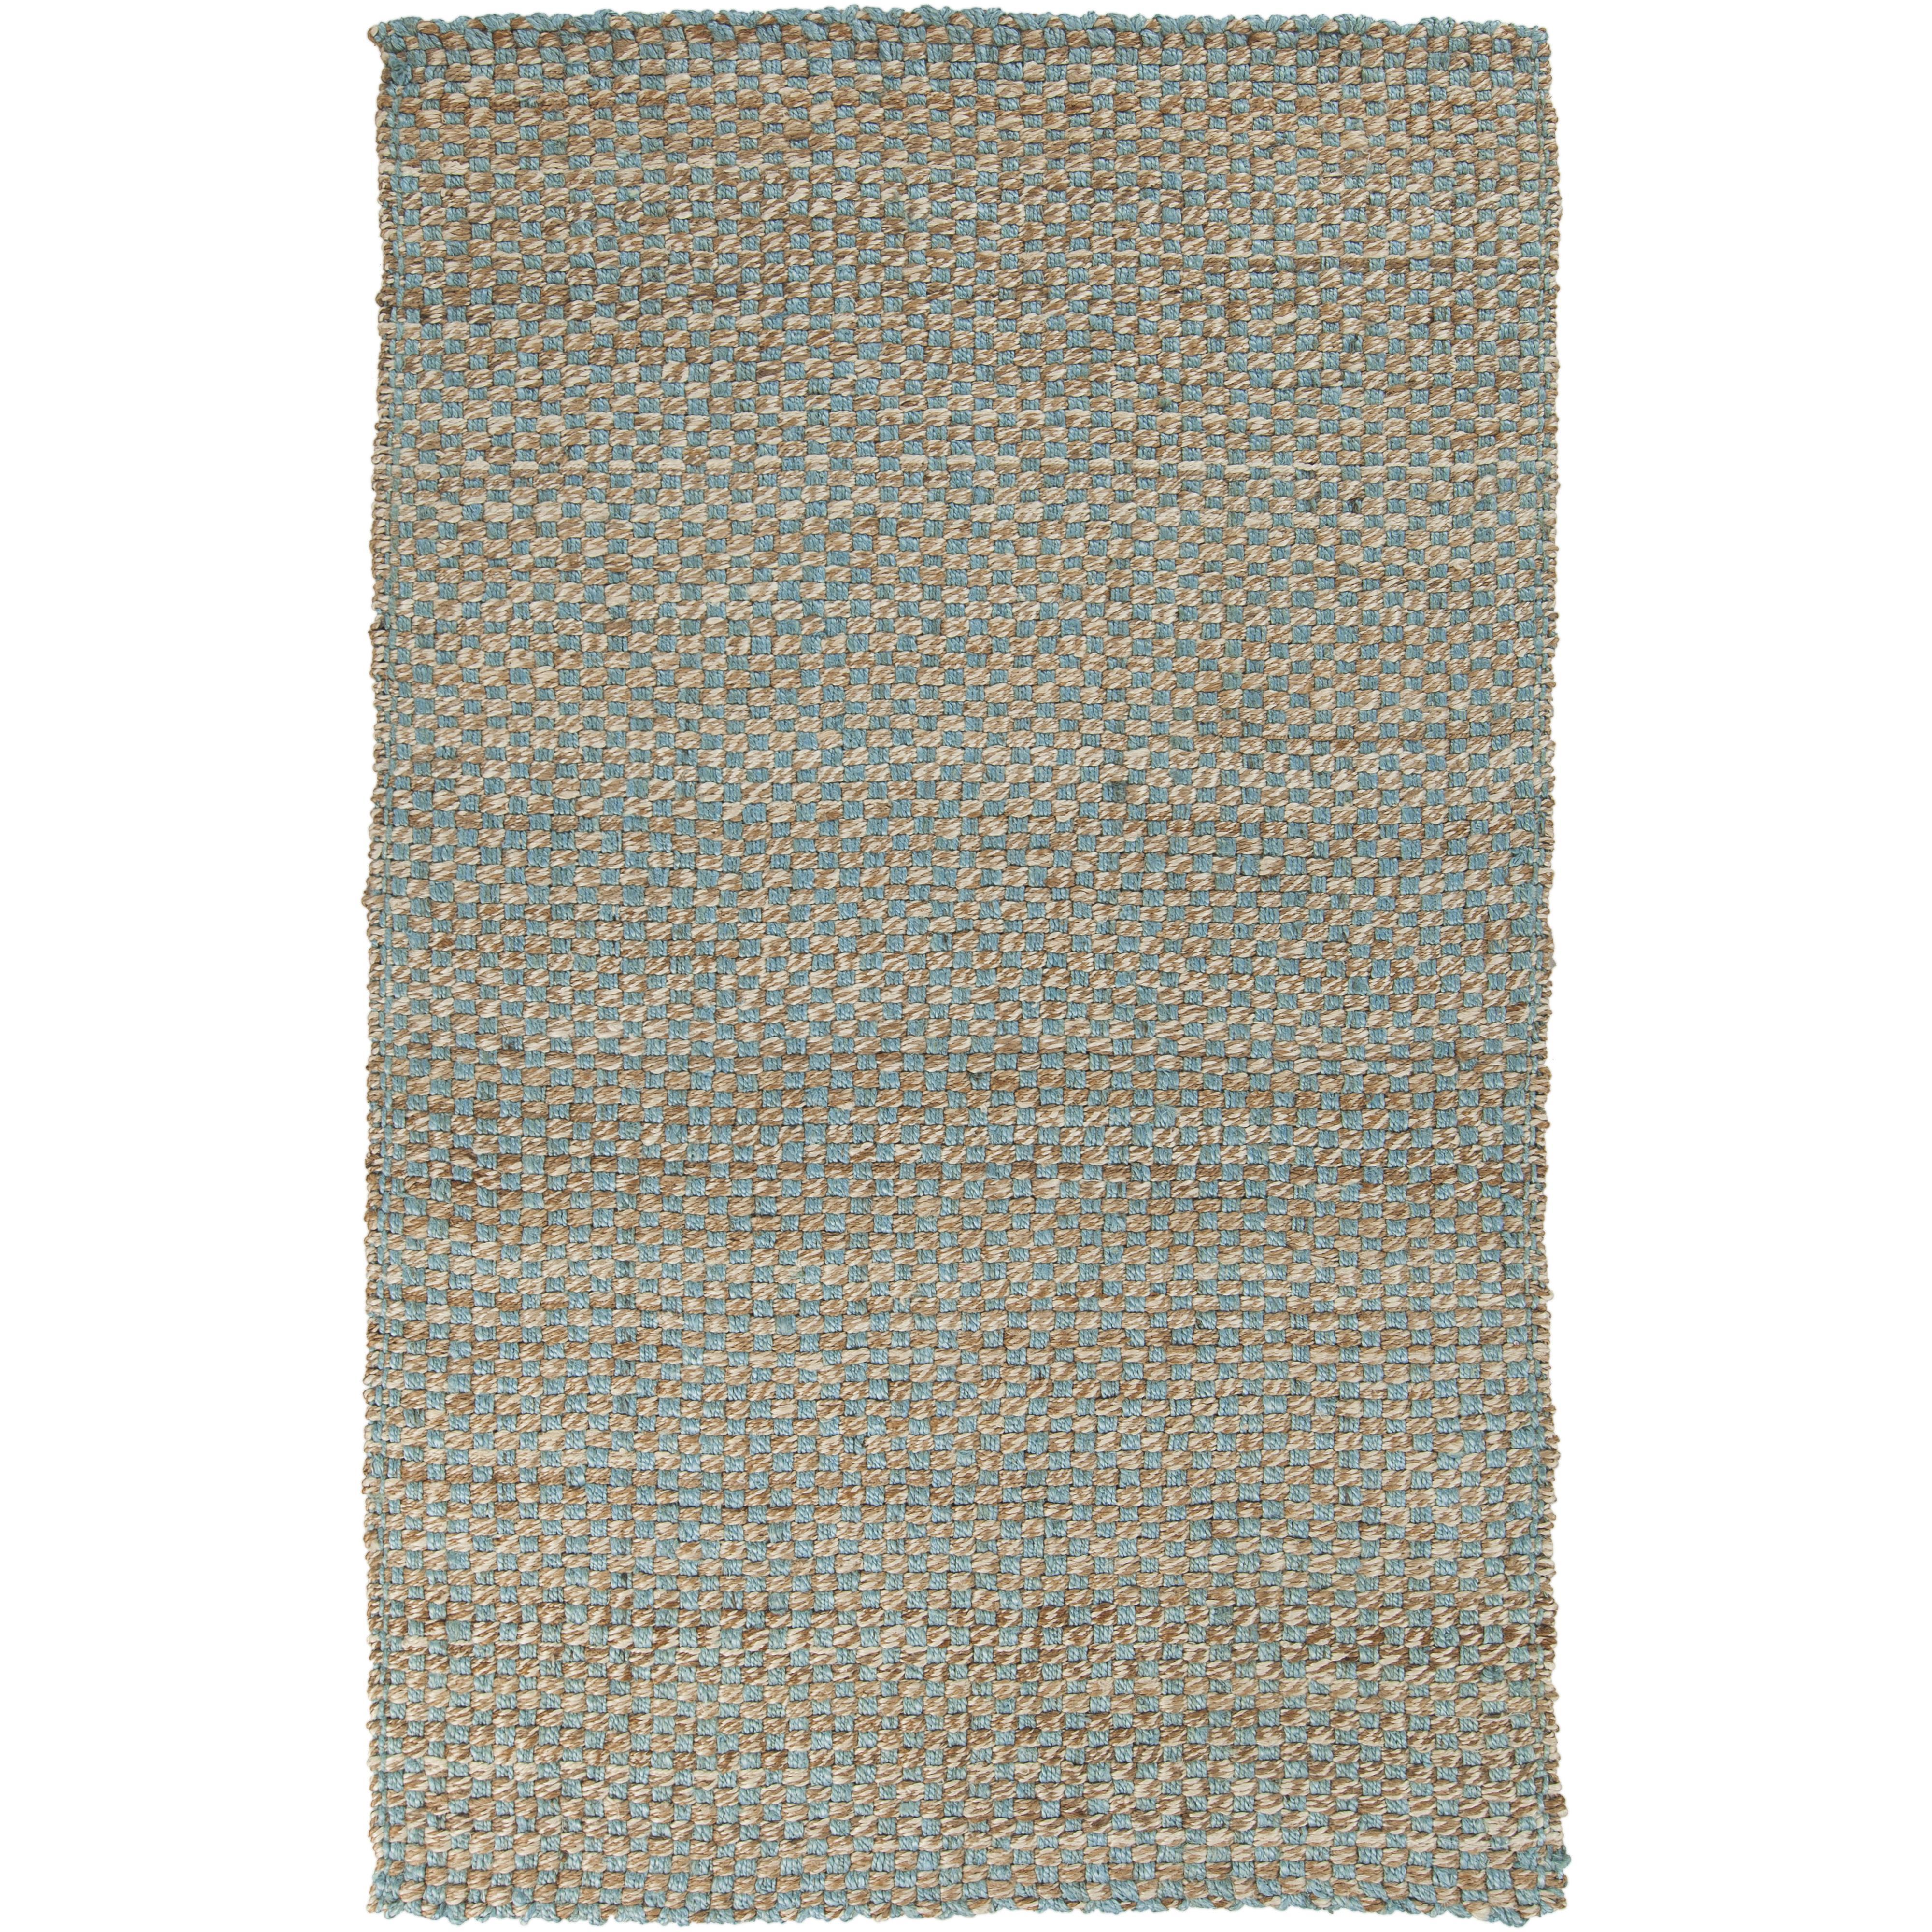 Surya Rugs Reeds 10' x 14' - Item Number: REED823-1014